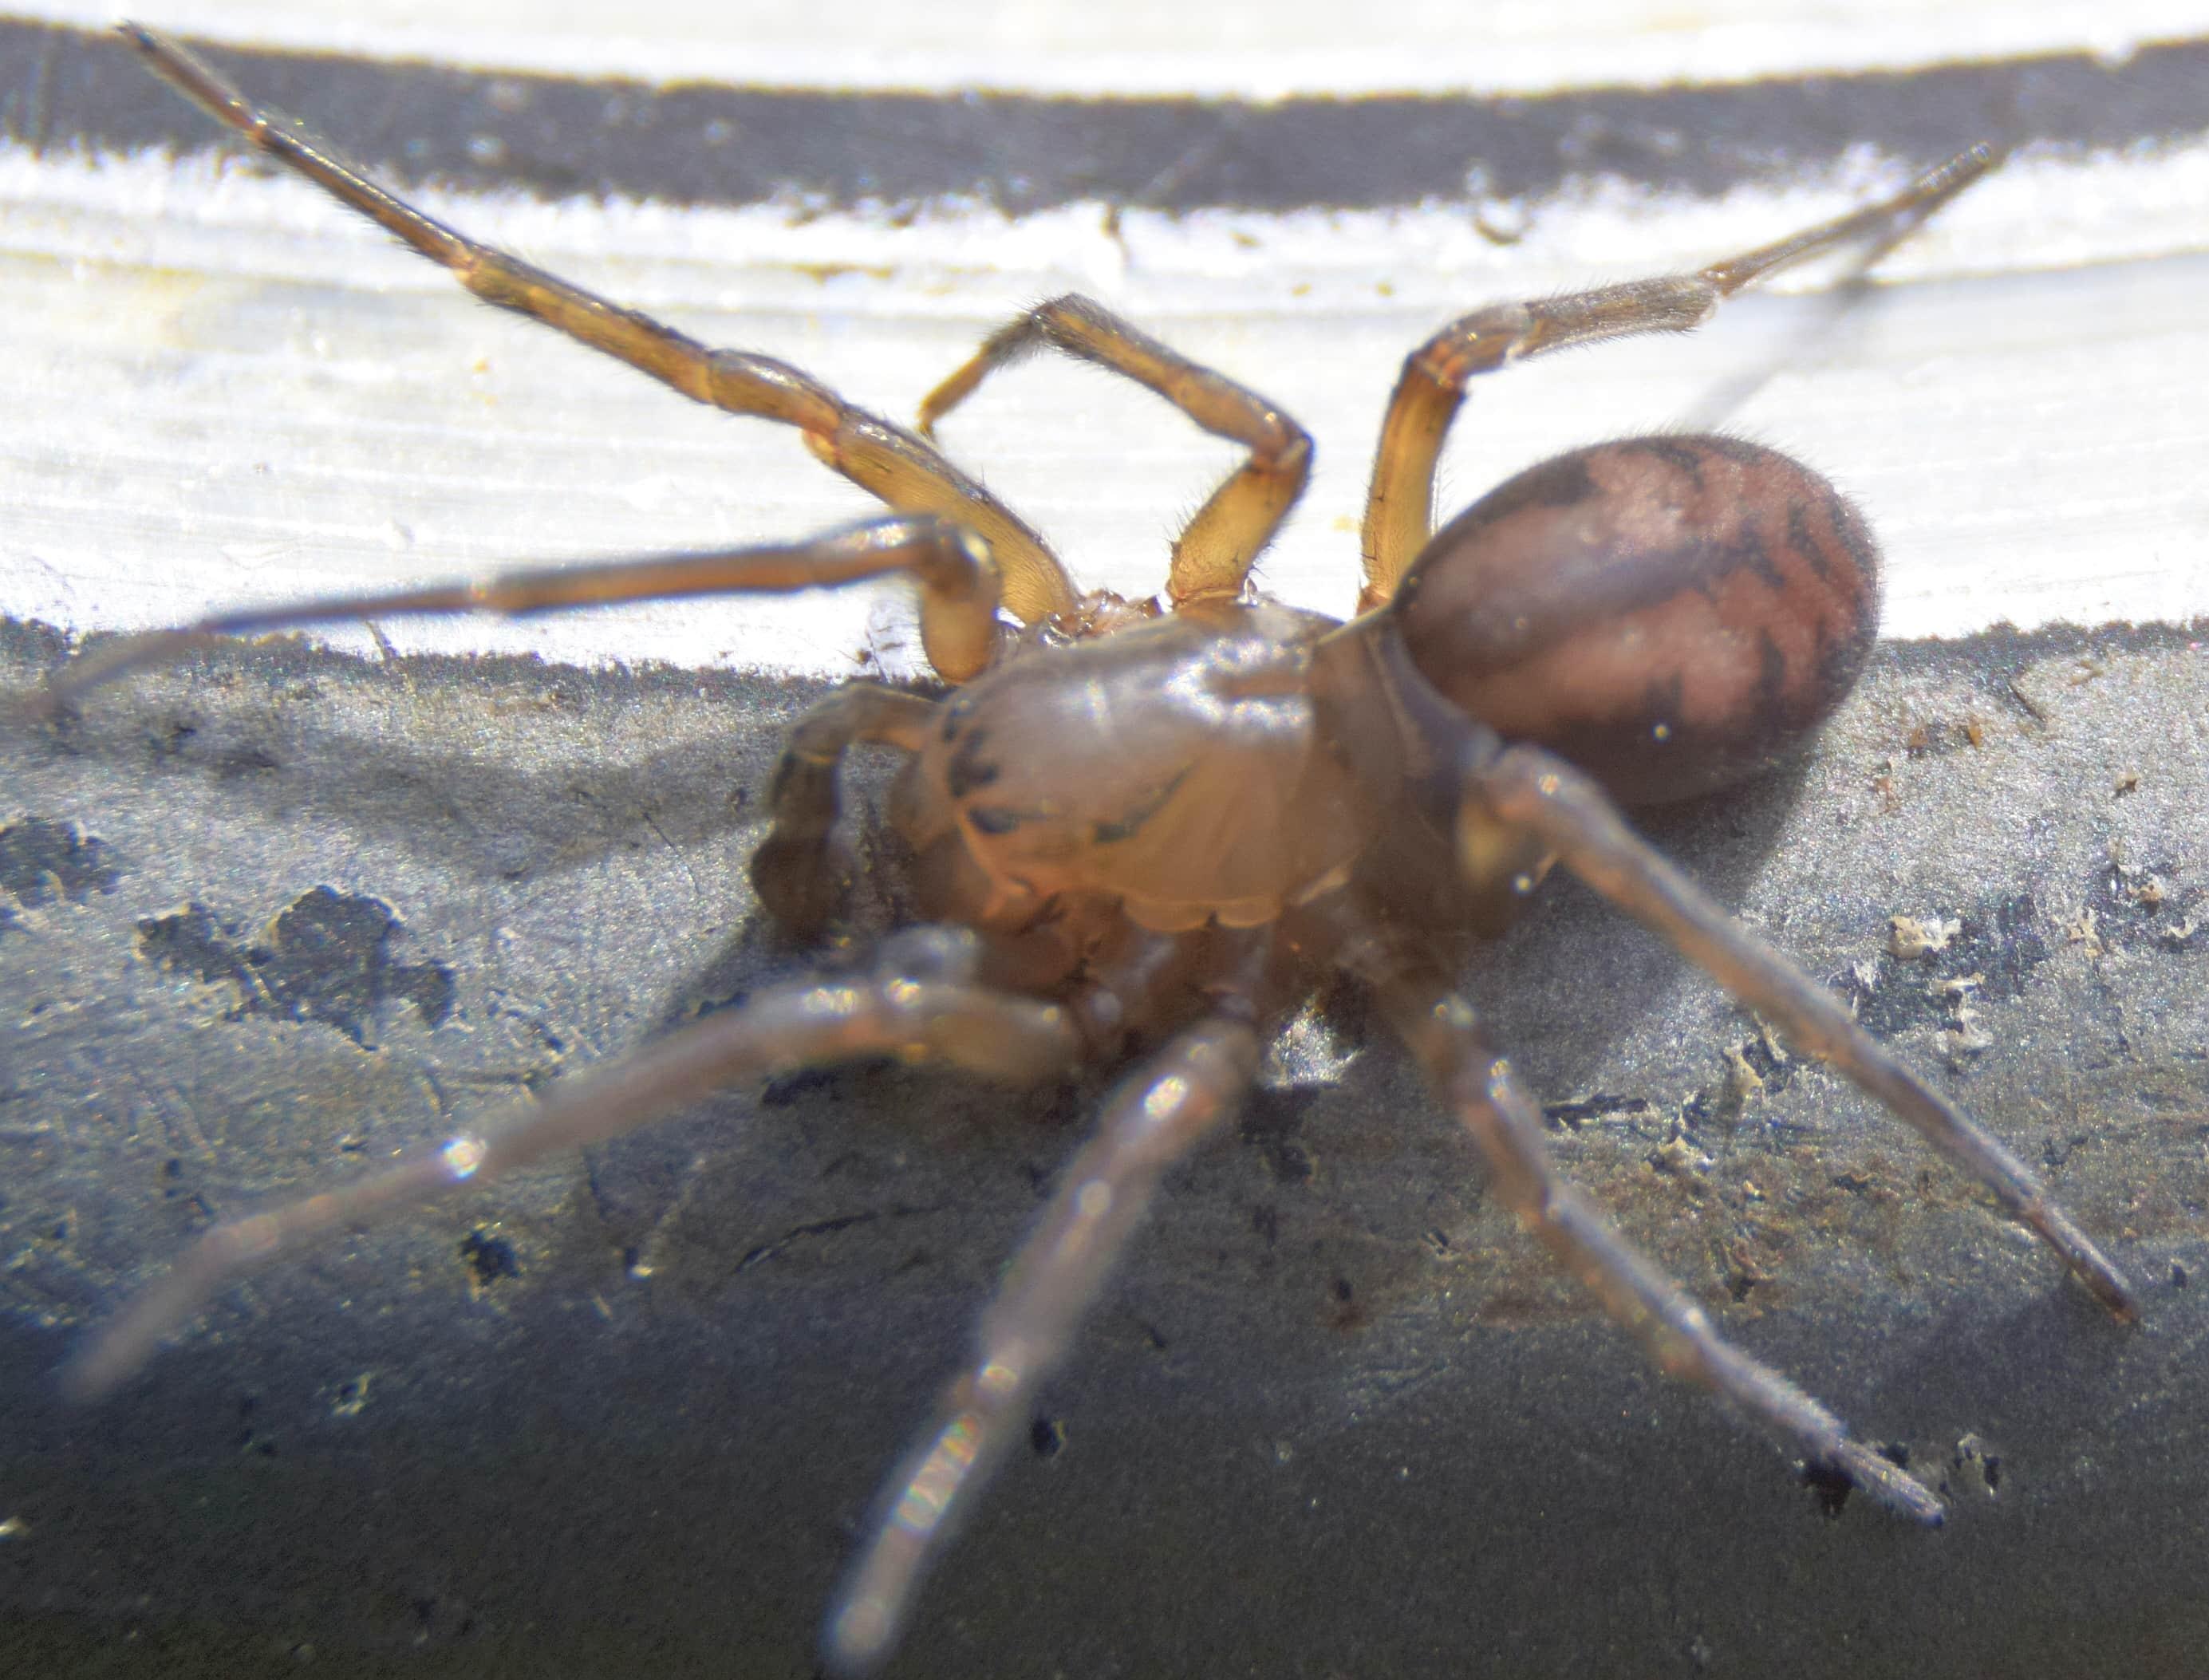 Picture of Callobius bennetti - Male - Dorsal